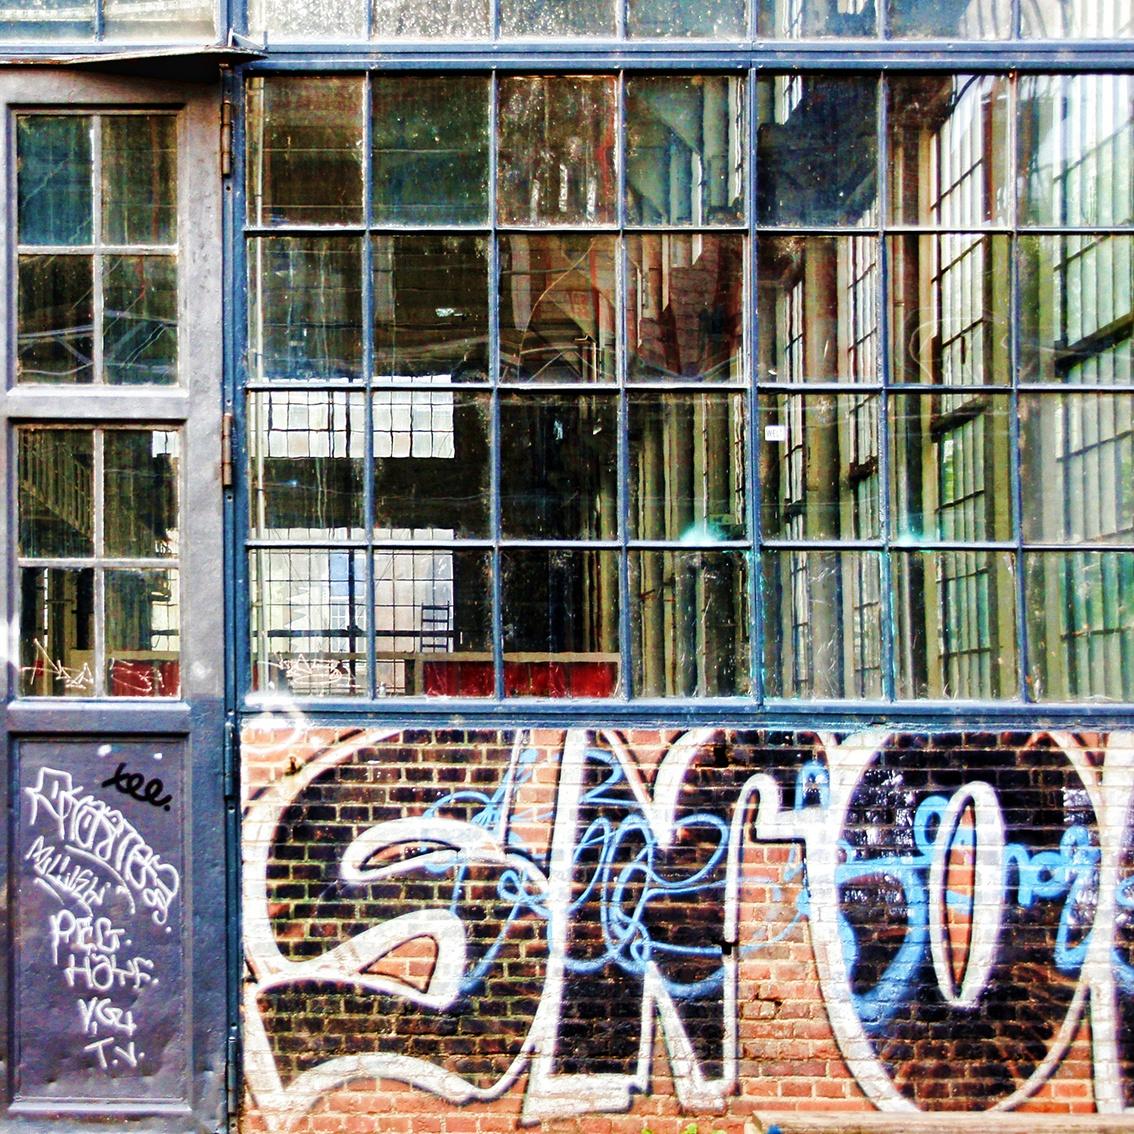 Comment enlever et nettoyer des graffitis sur bois, métal, plastique, mur